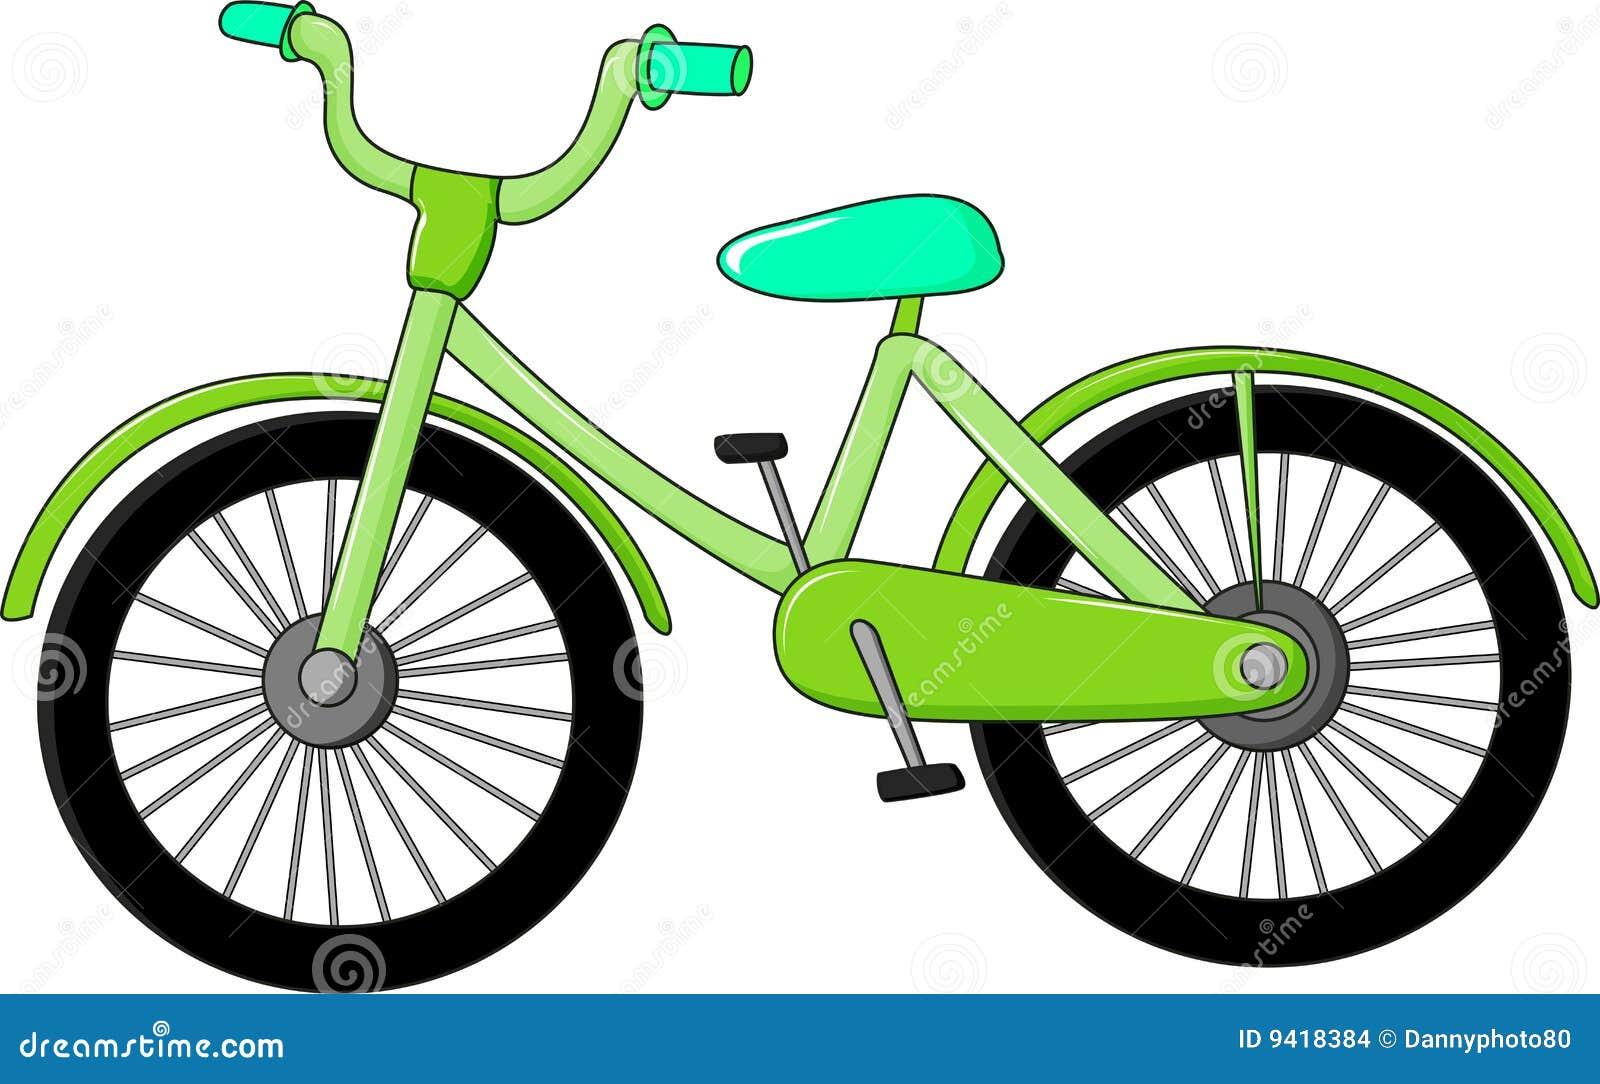 Una Bicicleta Verde Imagenes De Archivo